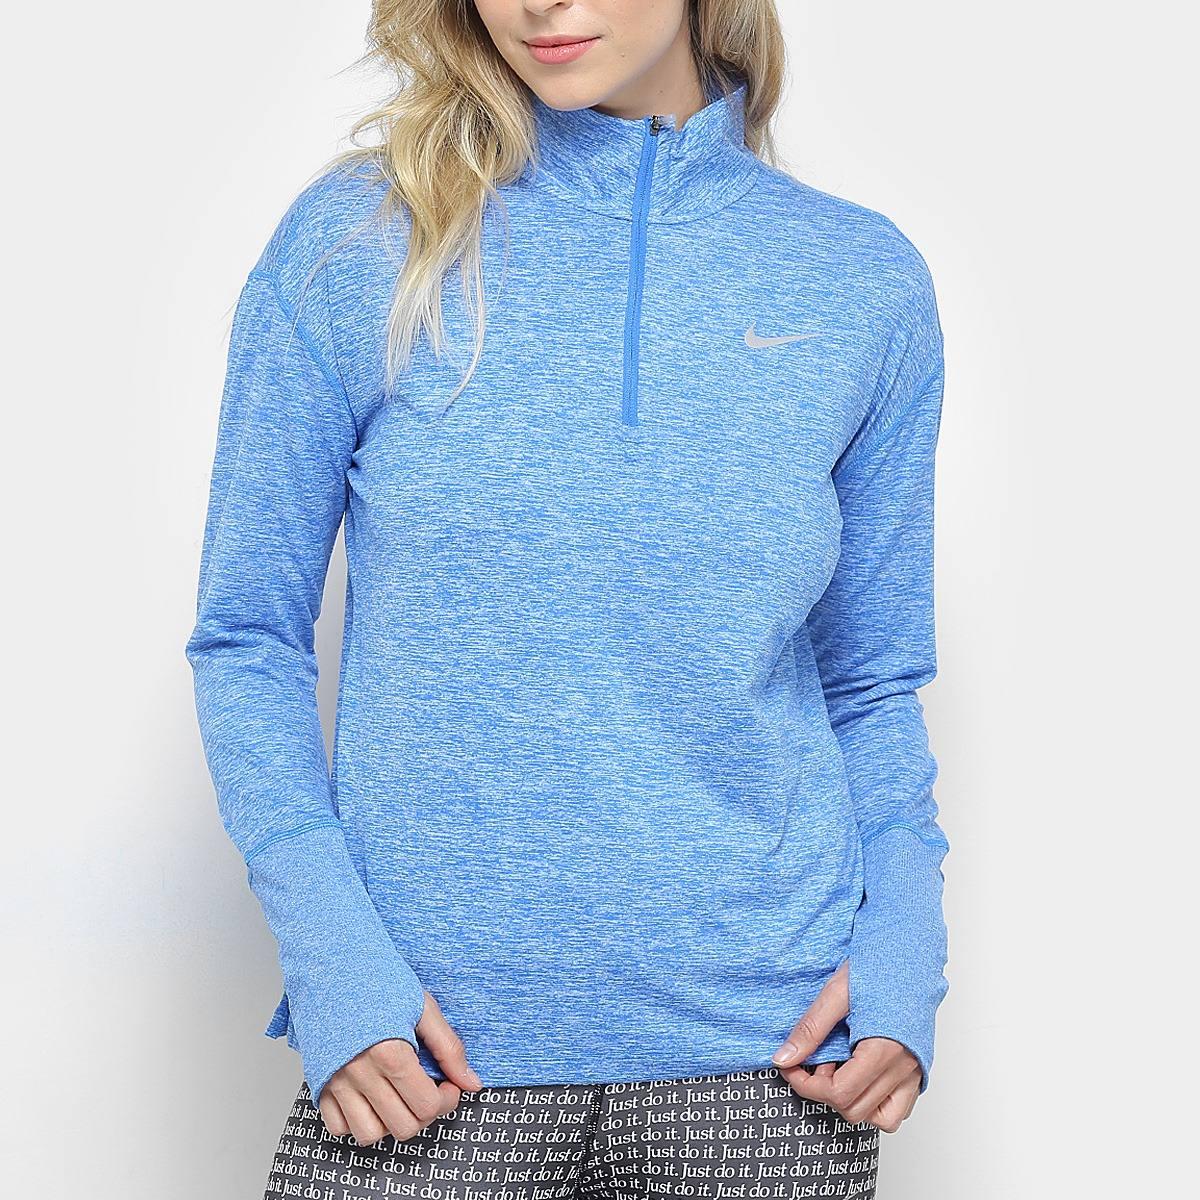 df37ae20e9d jaqueta nike element top hz feminina - azul. Carregando zoom.